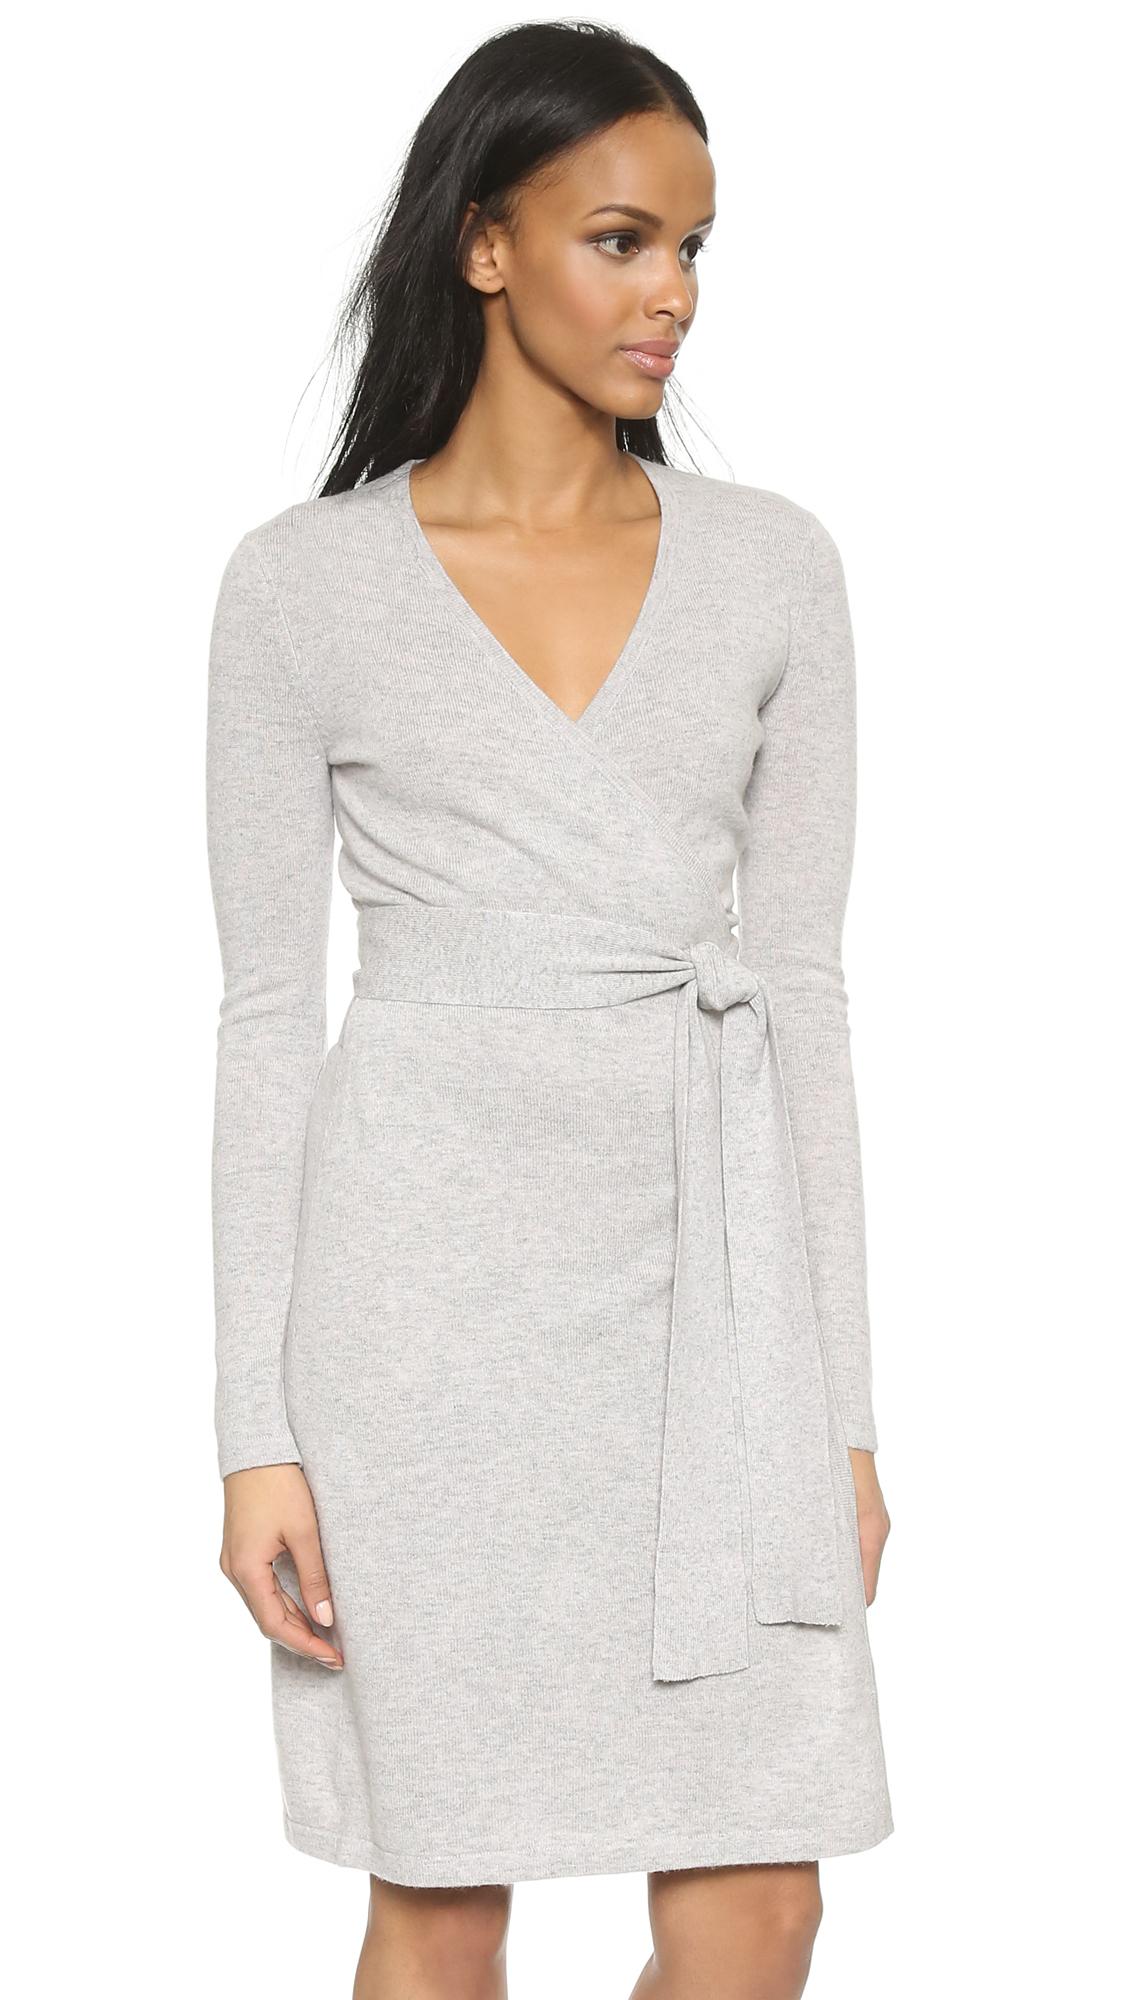 Diane von furstenberg Linda Wrap Sweater Dress - Grey in Gray | Lyst